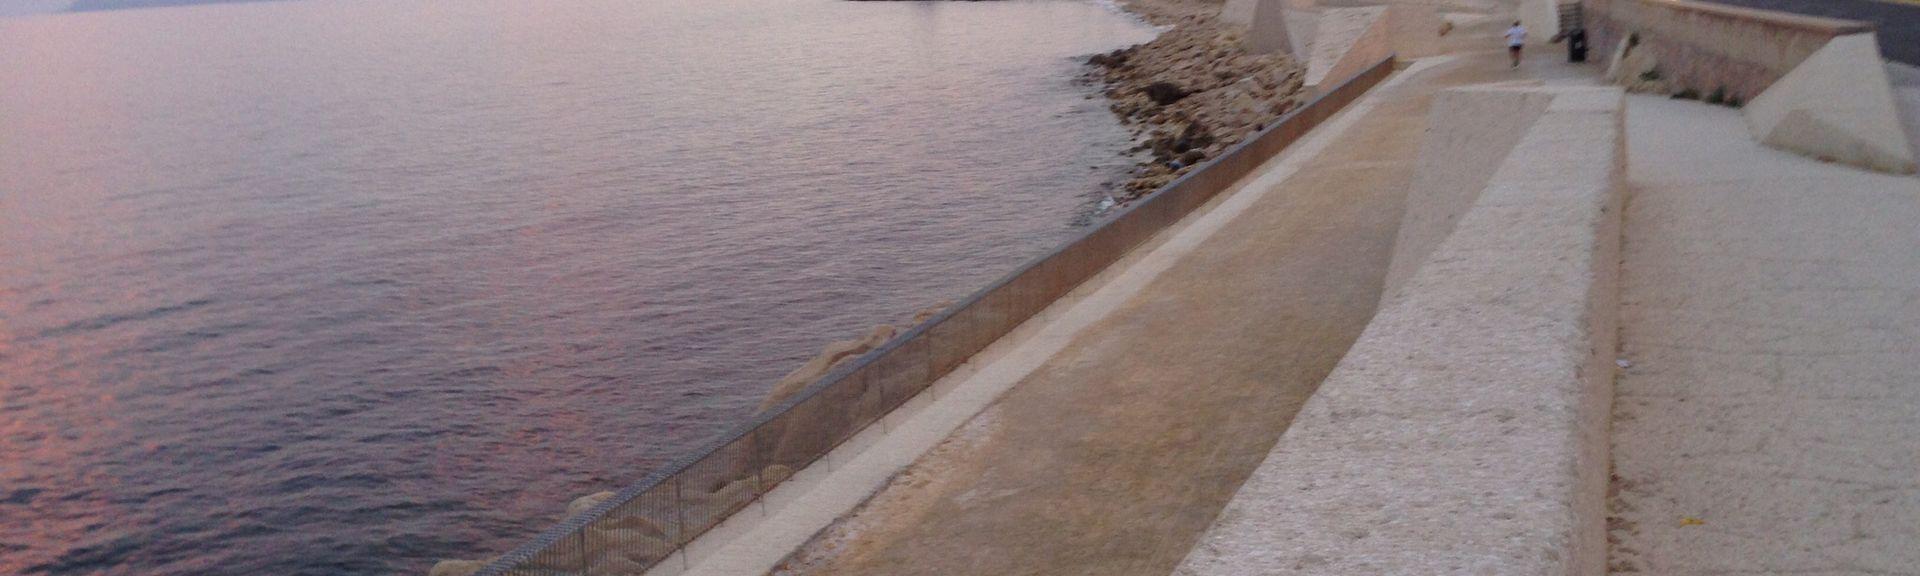 Spiaggia di Albufereta, Alicante, Comunità Valenzana, Spagna